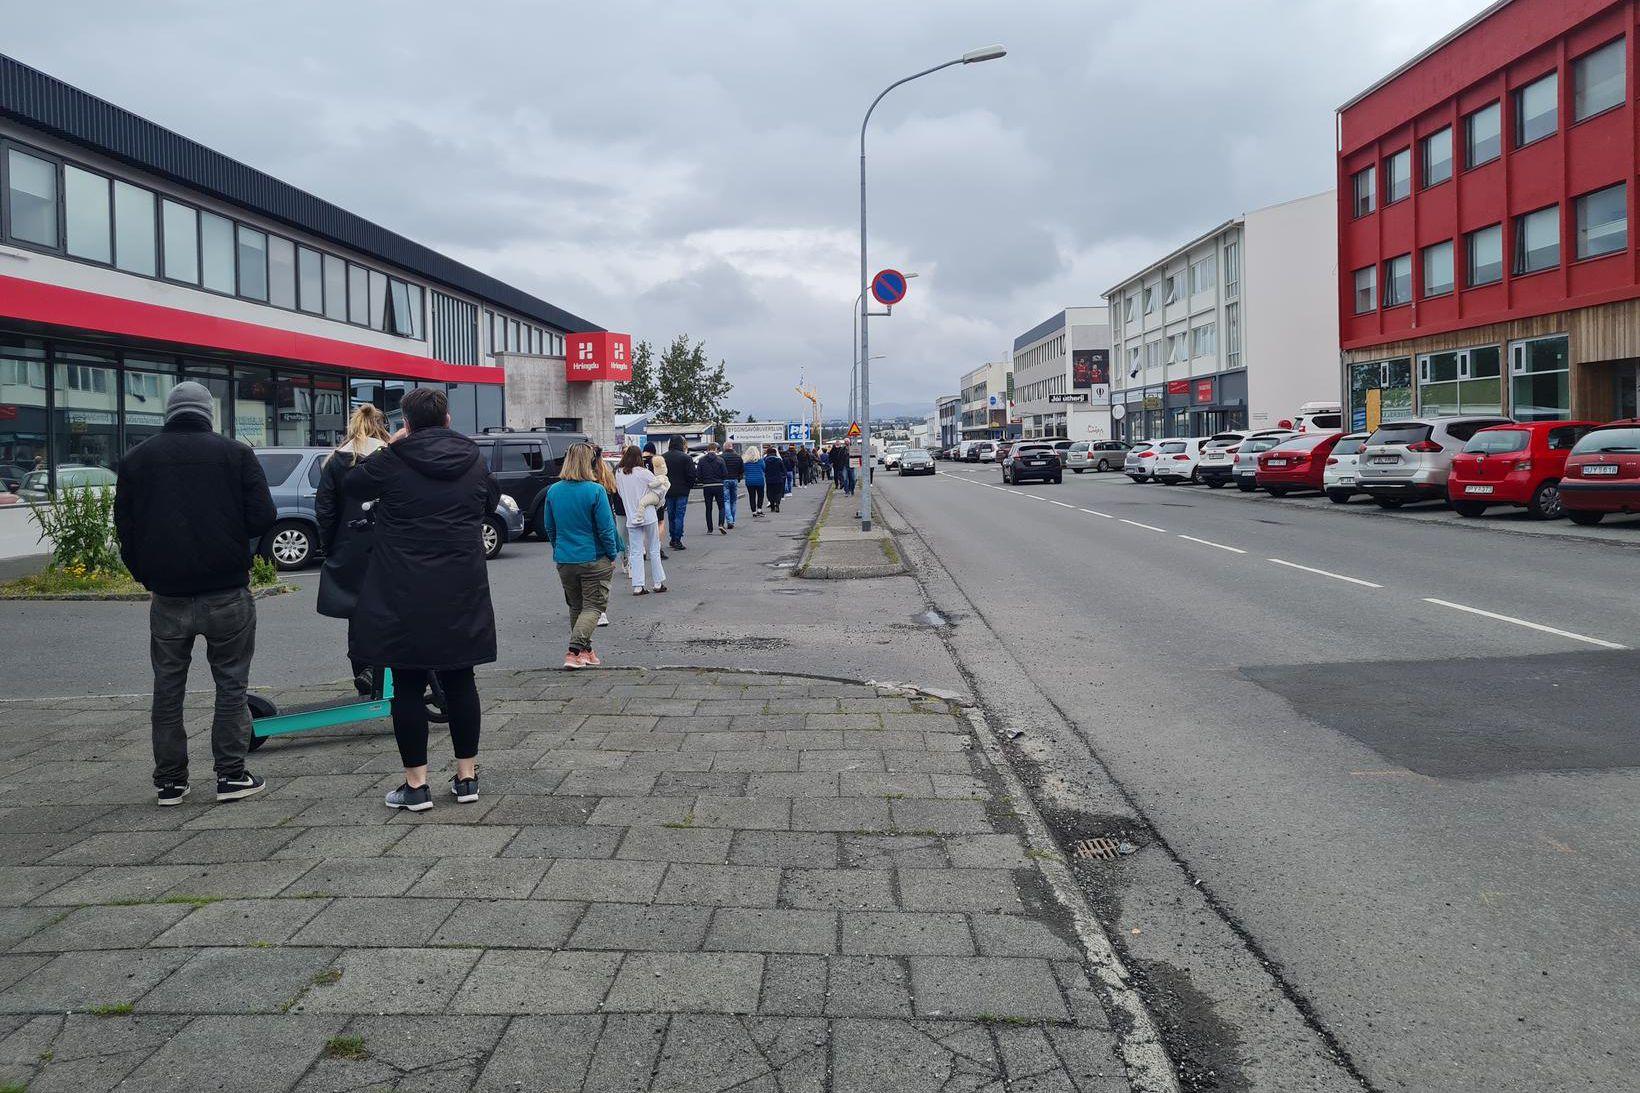 Veruleg röð hefur verið í sýnatöku á Suðurlandsbraut í dag. …